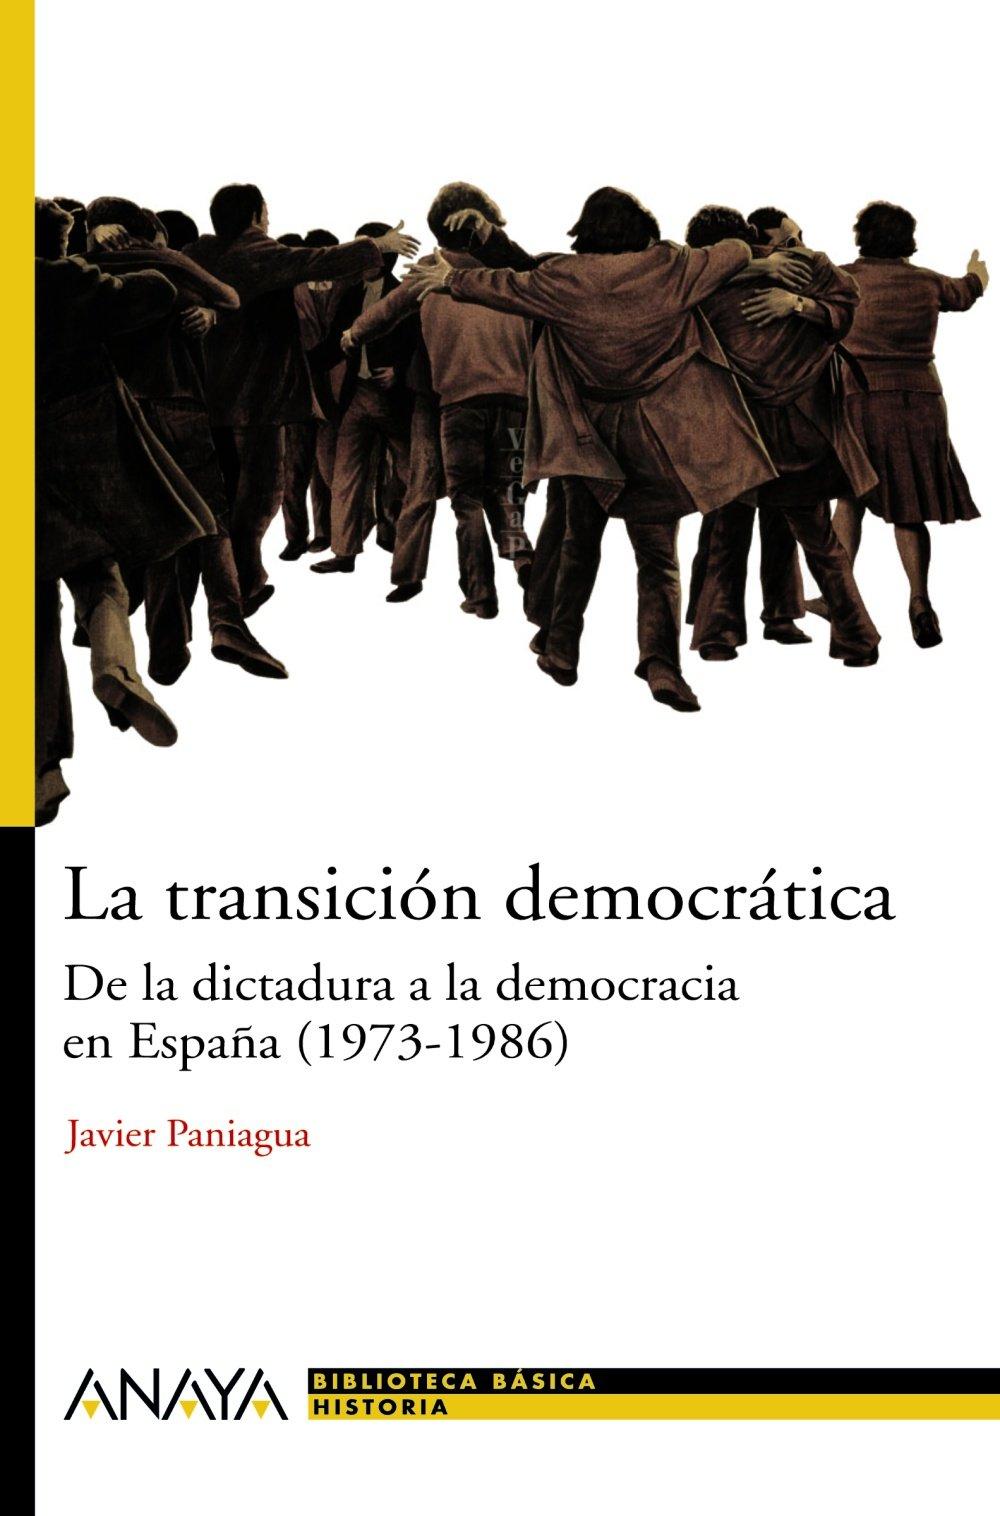 La transición democrática: De la dictadura a la democracia en ...